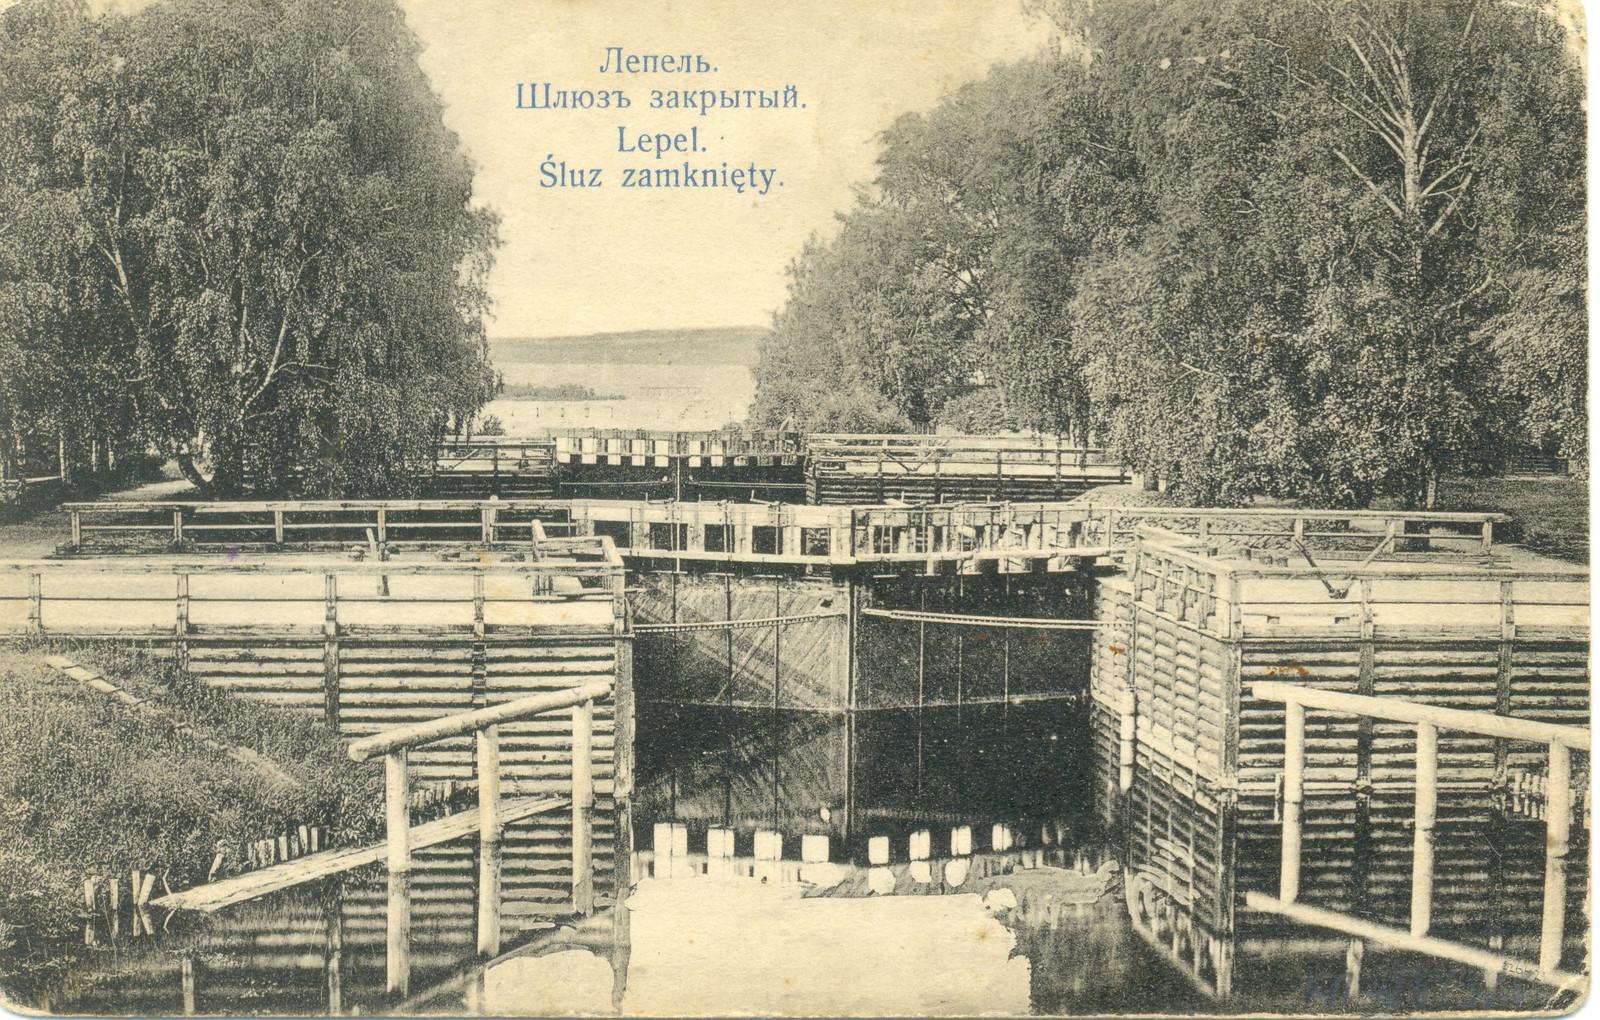 Березинская водная система. Шлюз закрытый